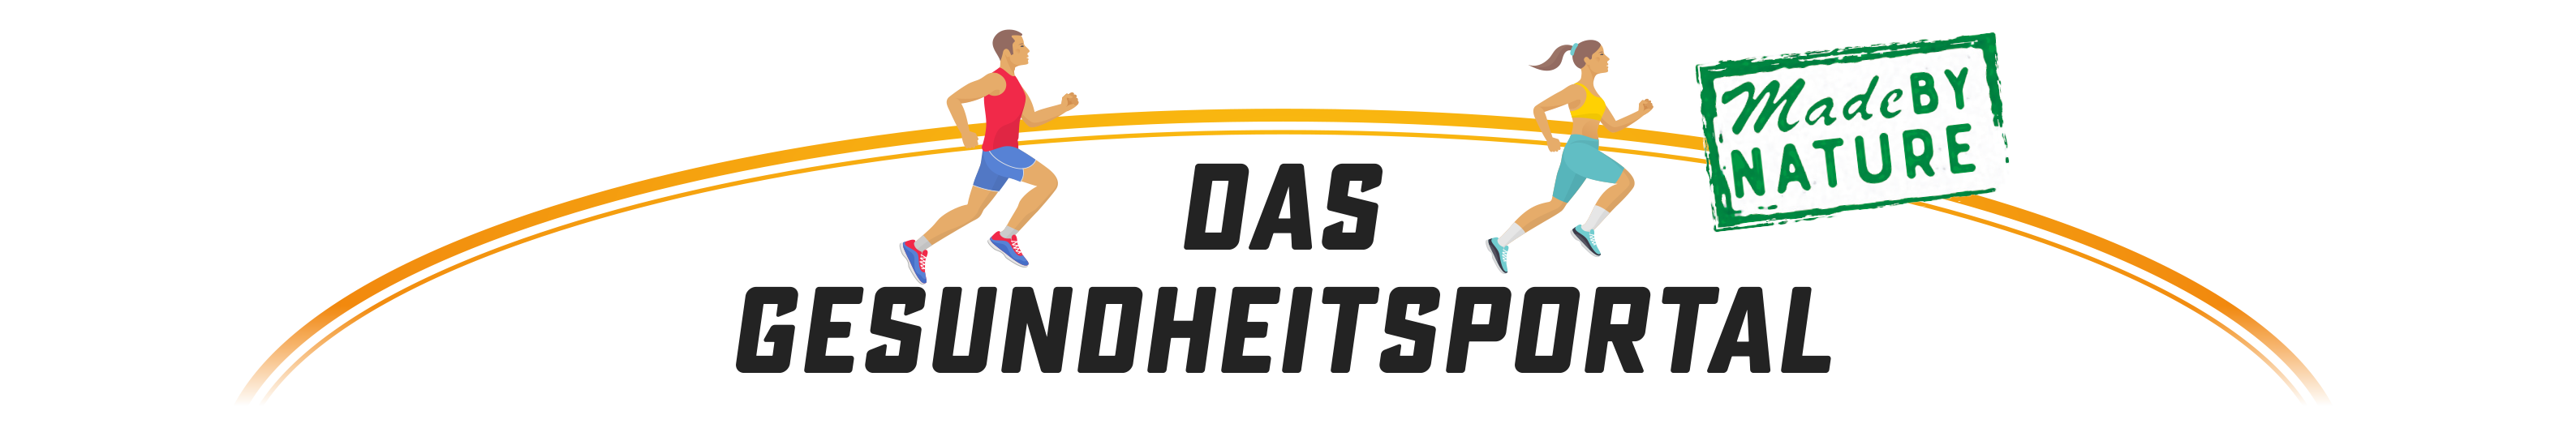 das_gesundheitsportal logo